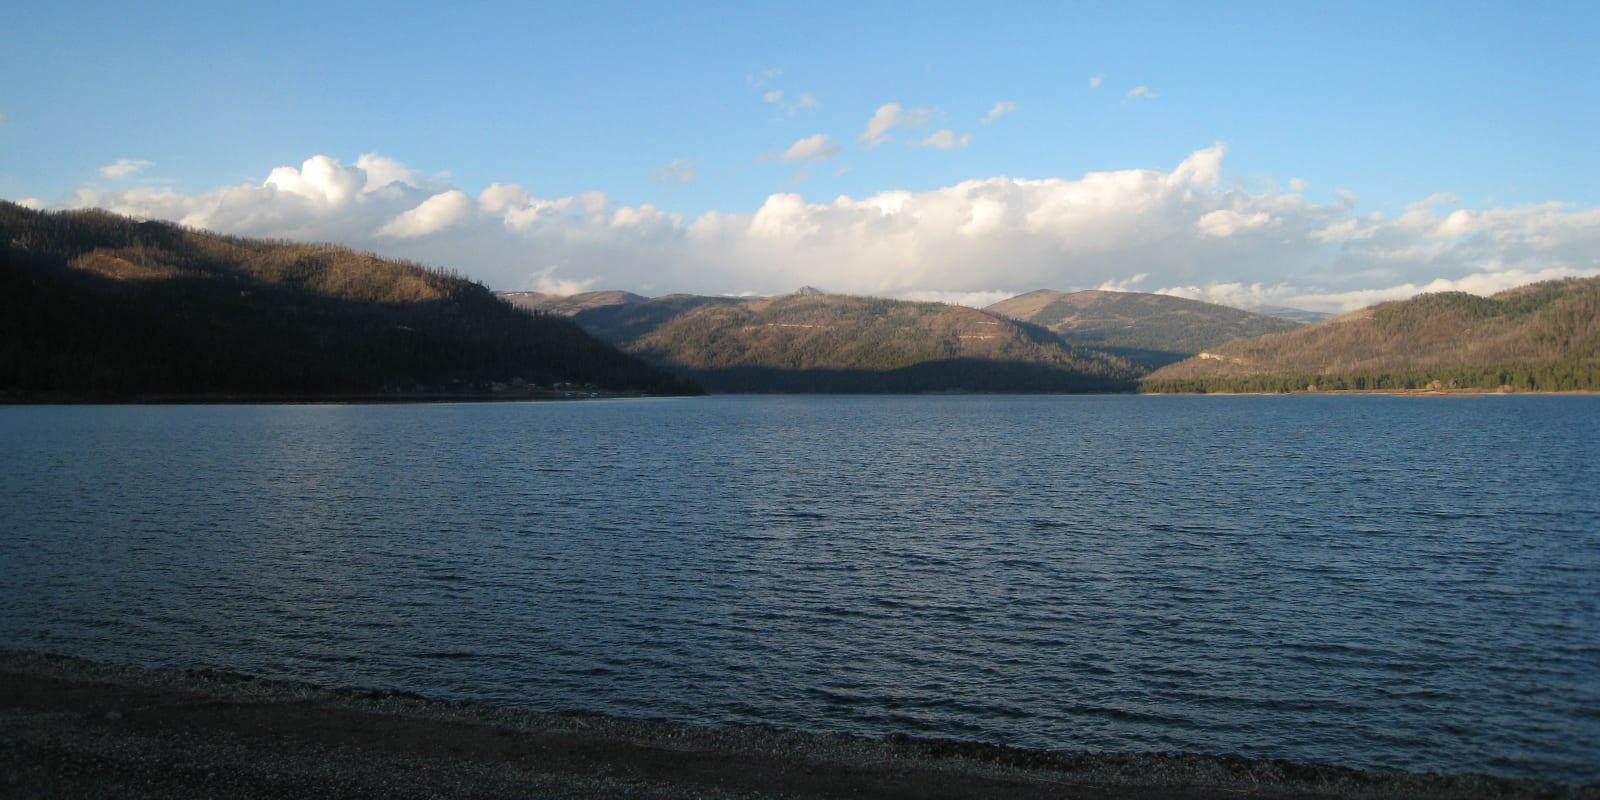 Vallecito Lake Bayfield Colorado